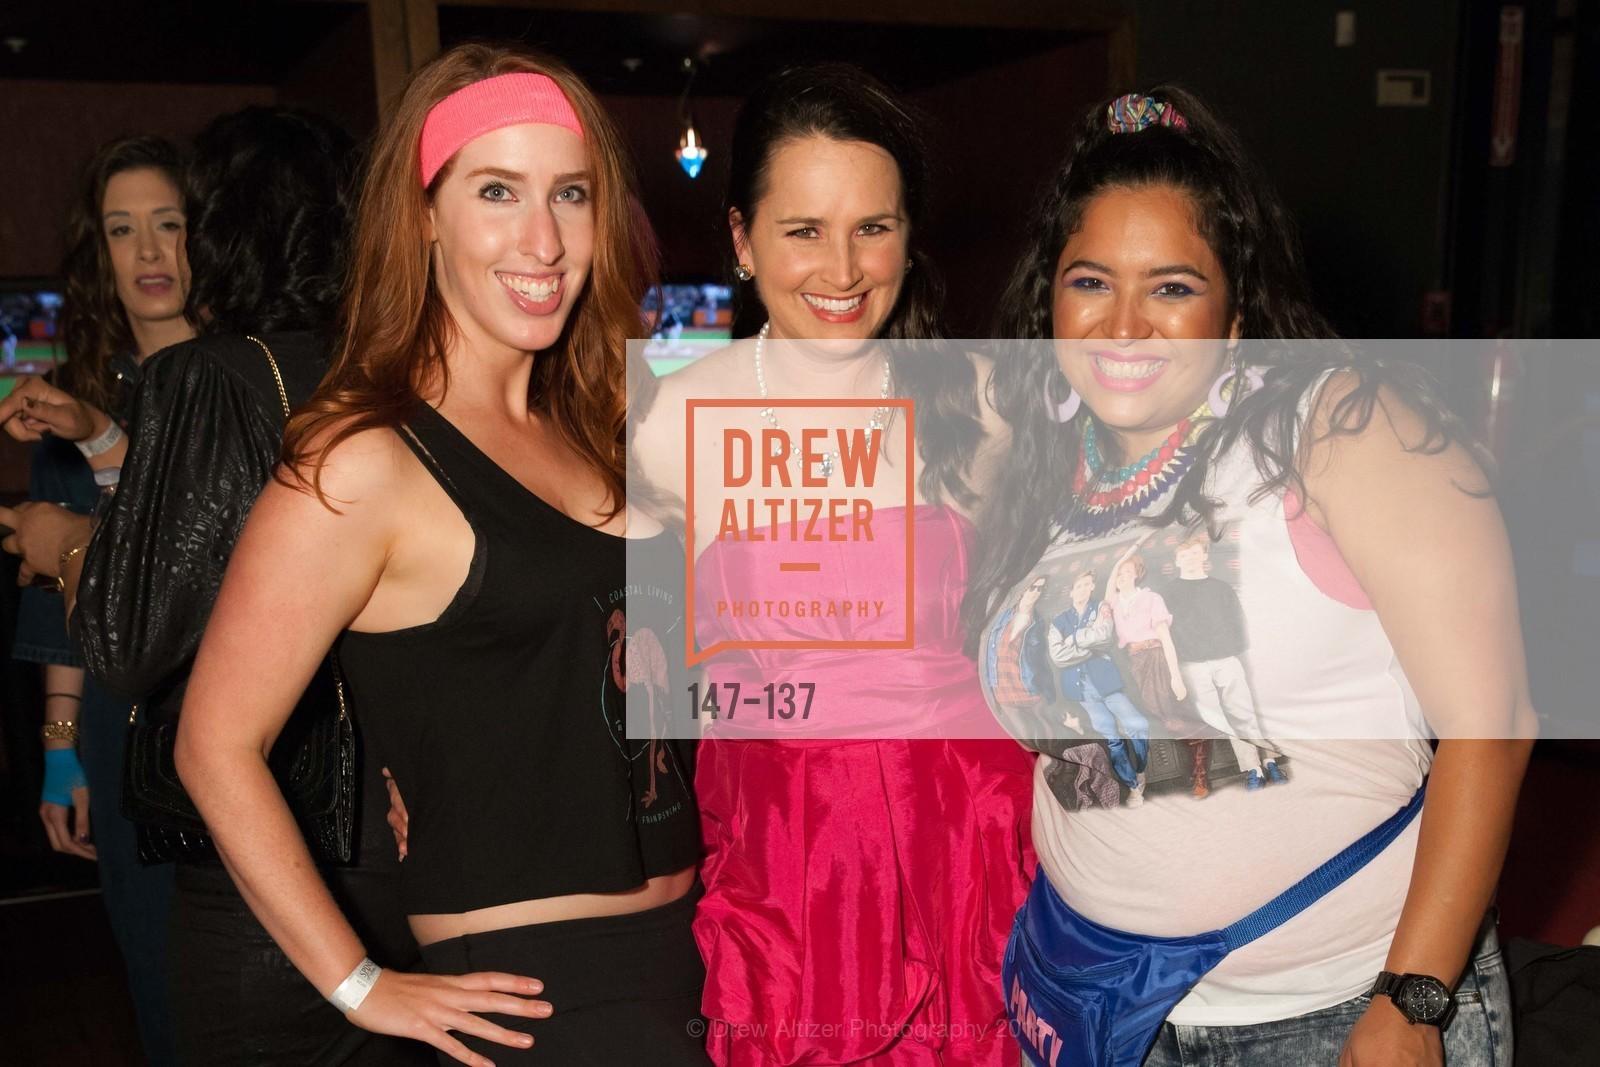 Casey Green, Kristen Leep, Deyanira Medina, Spinsters of San Francisco